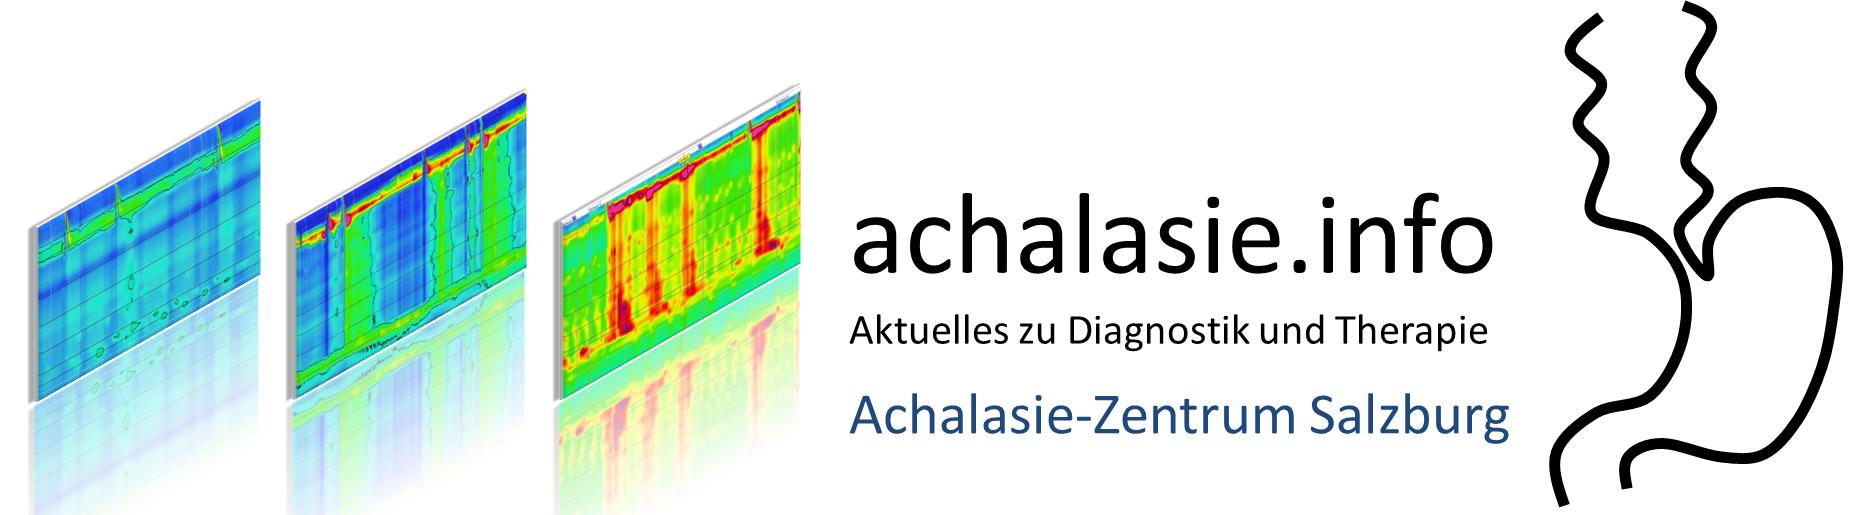 Achalasie.info